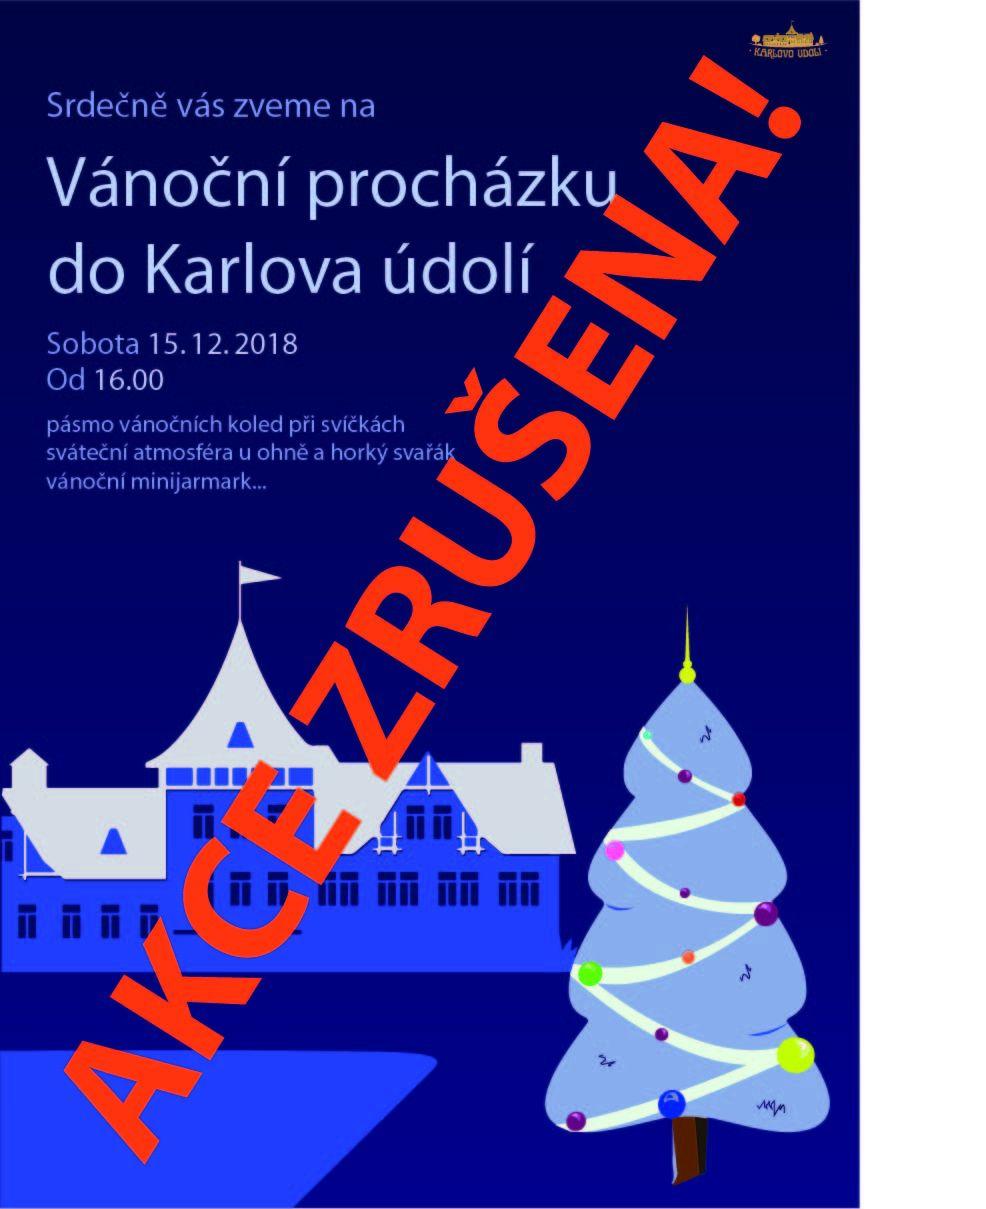 Vánoce v Karlově údolí